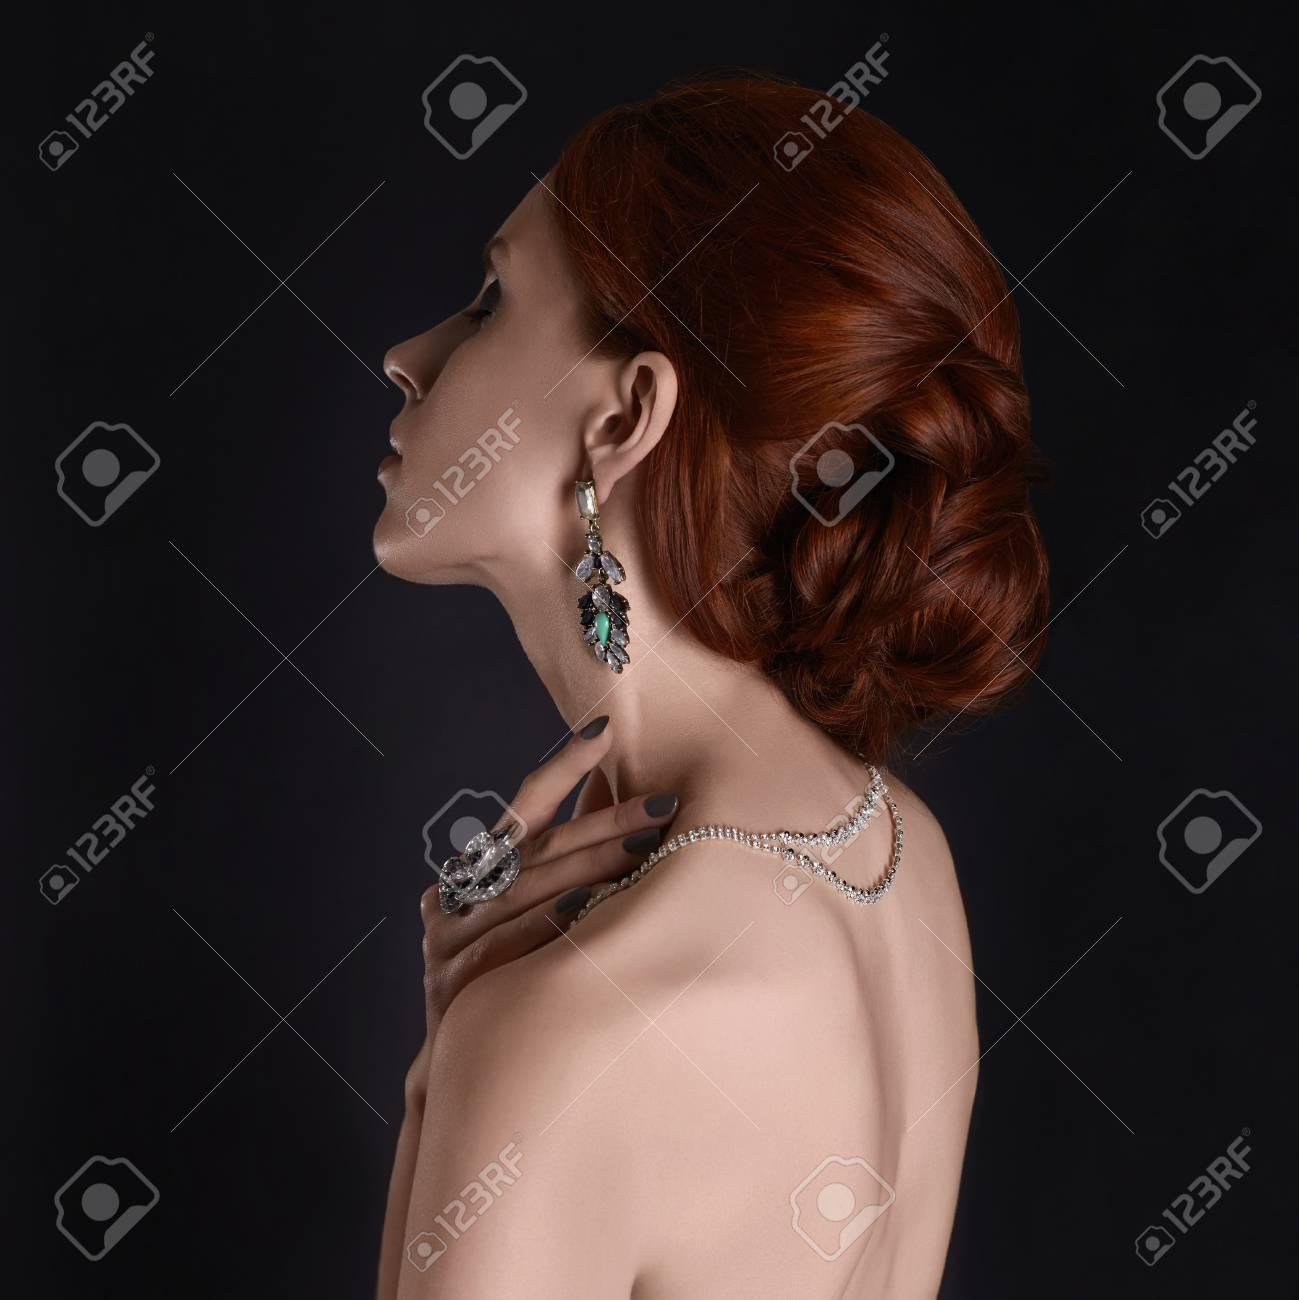 Nude girls in jewelry — 9